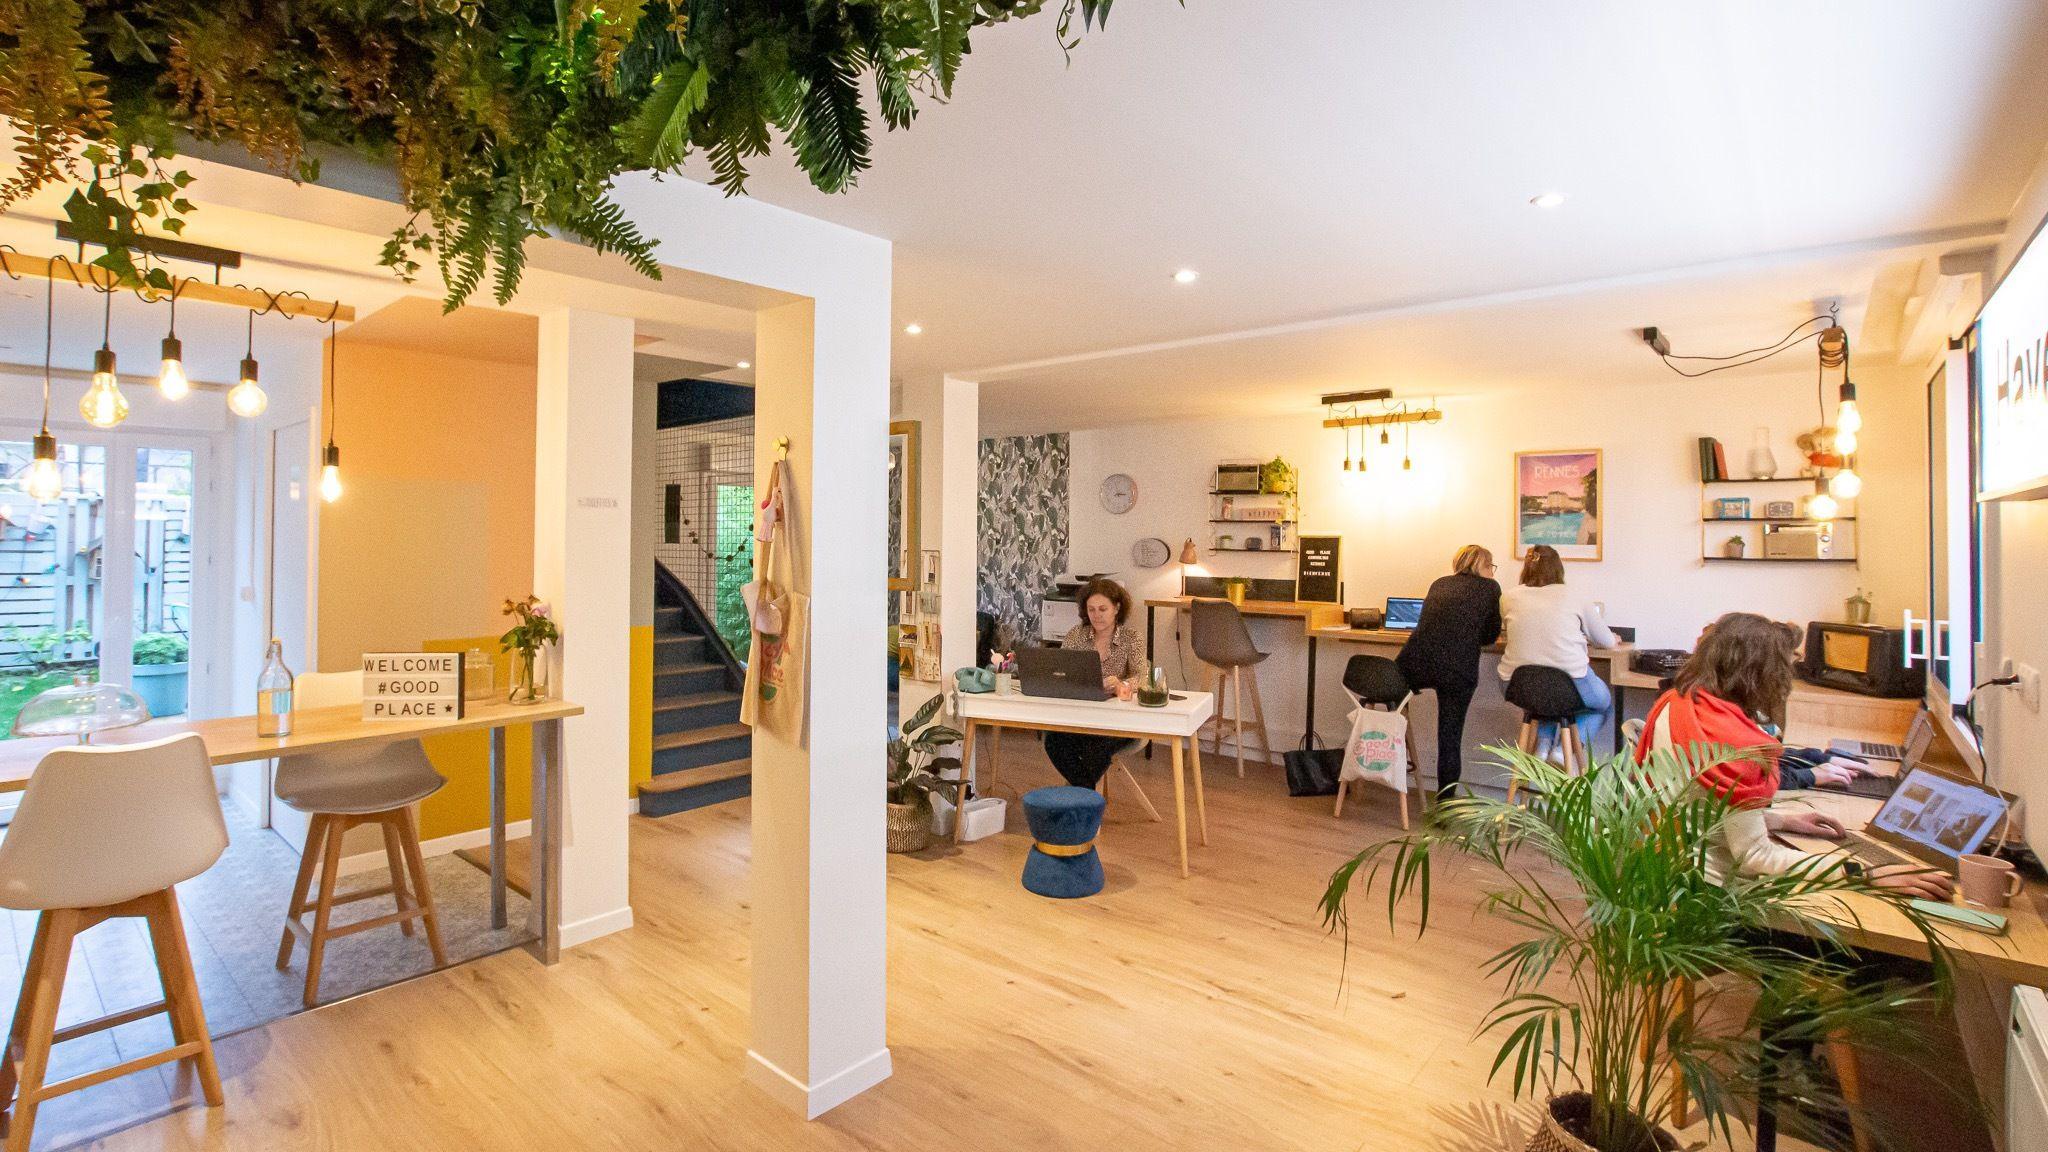 Good Place Coworking Rennes - Bien Être Au Travail